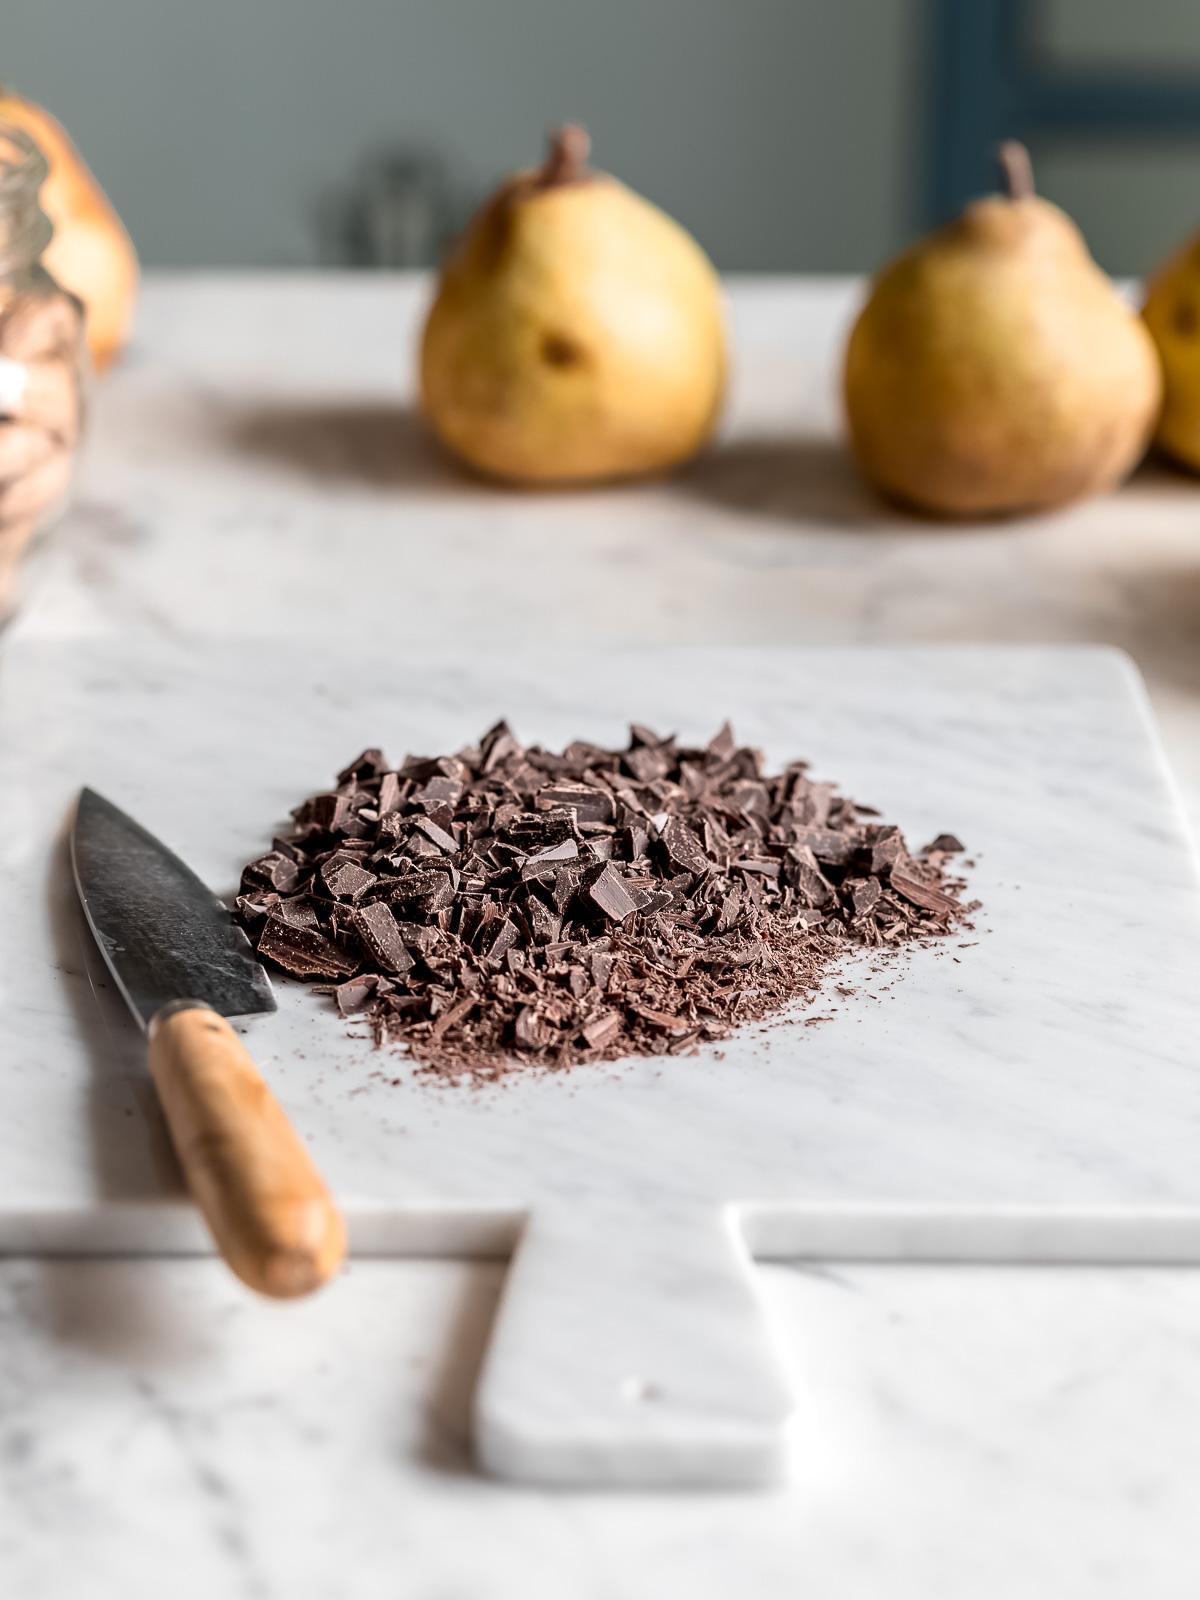 Ricetta Galette al cioccolato e pere vegan senza glutine gluten free Vegan Chocolate Pear Galette recipe #chocolate #pear